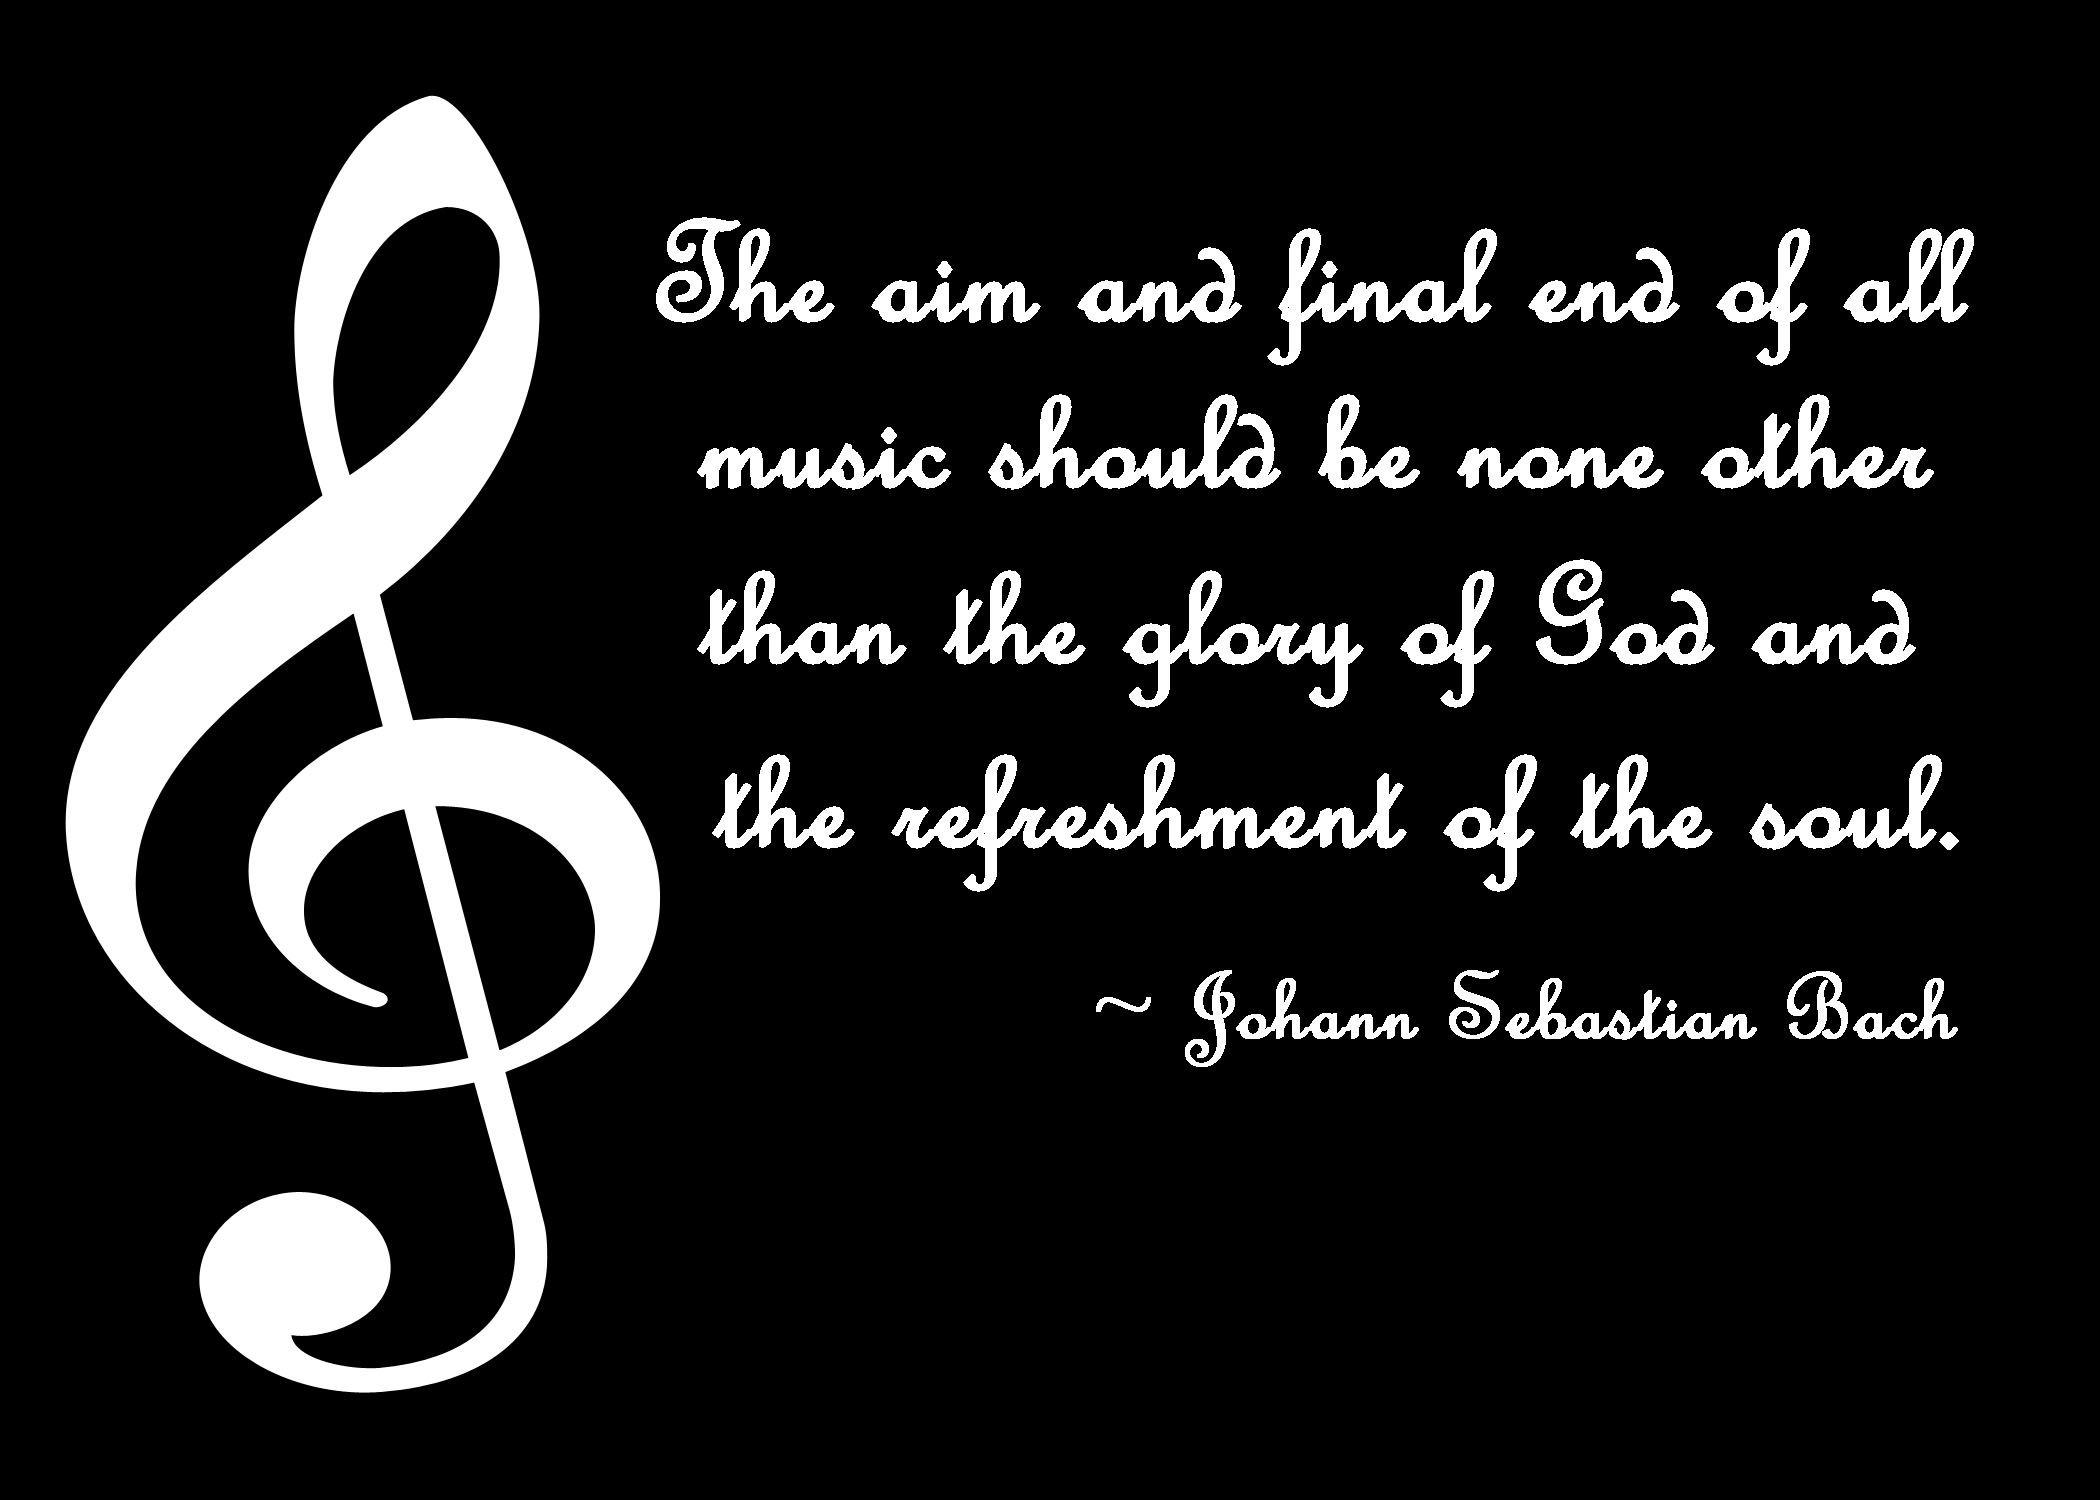 Lo scopo e fine ultimo di tutta la musica non dovrebbe essere altro che la gloria di Dio e il ristoro dell'anima. ~ Johann Sebastian Bach